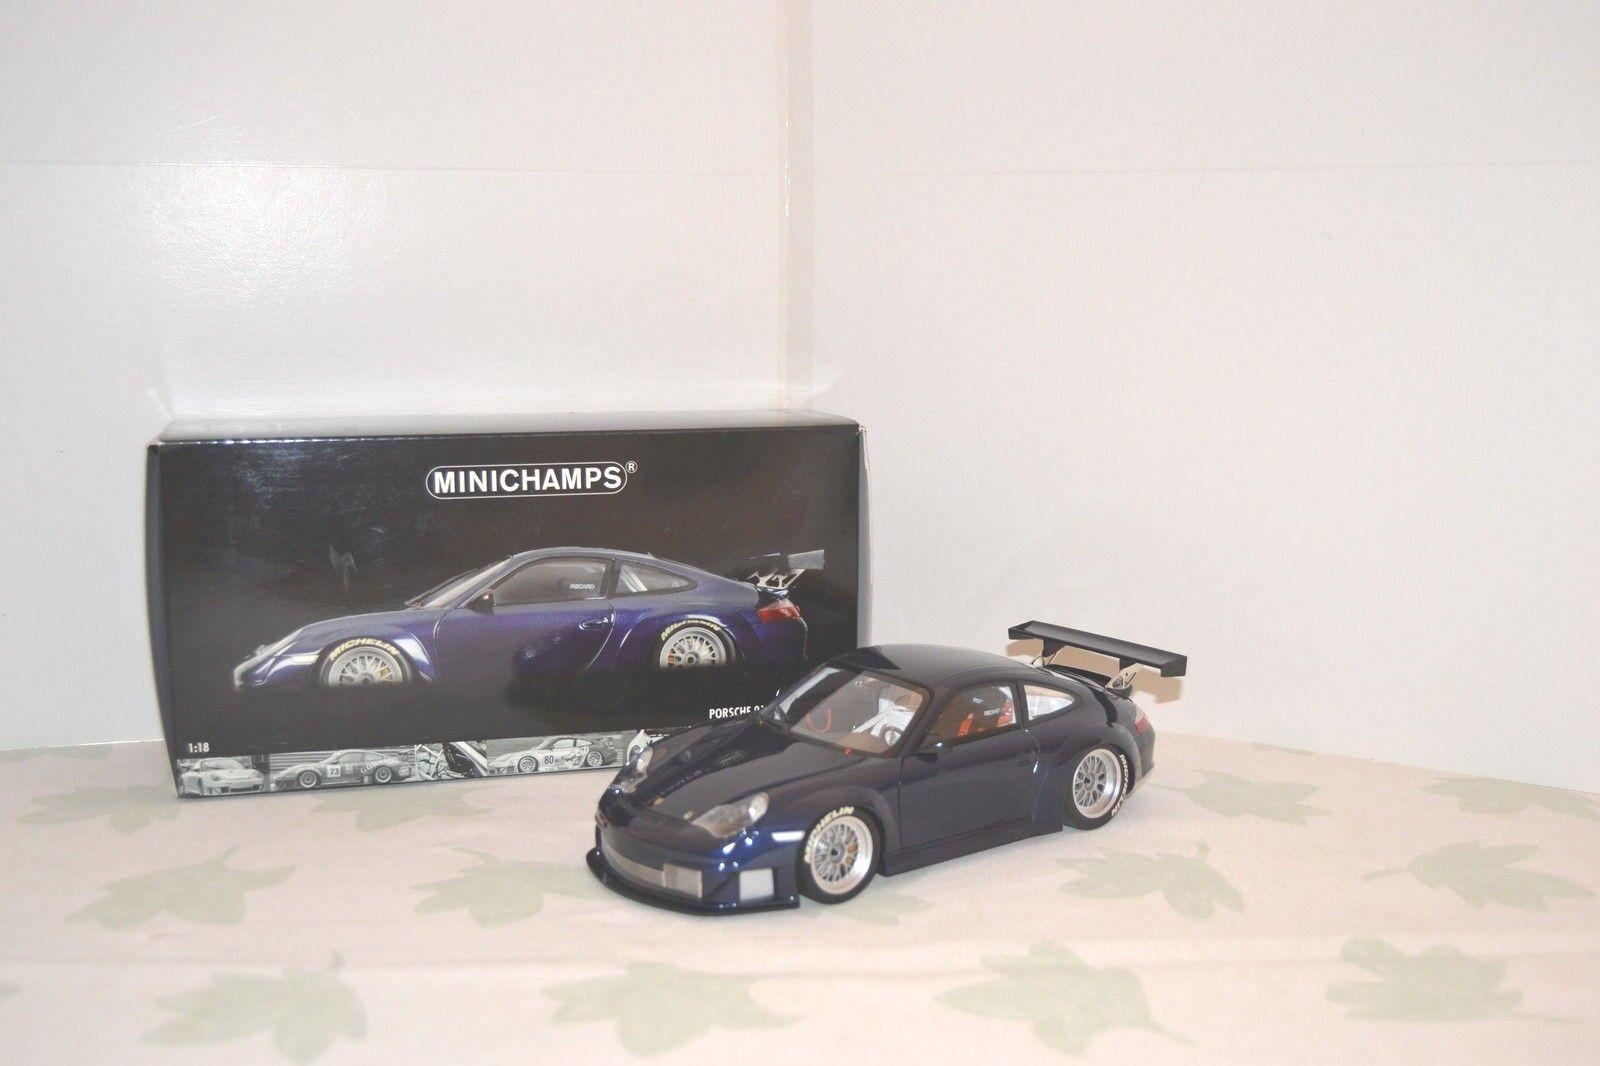 Minichamps 1/18 Porsche 911 GT3 RSR ALMS Type 997 2004. Réf. 100 046404. | Outlet Online